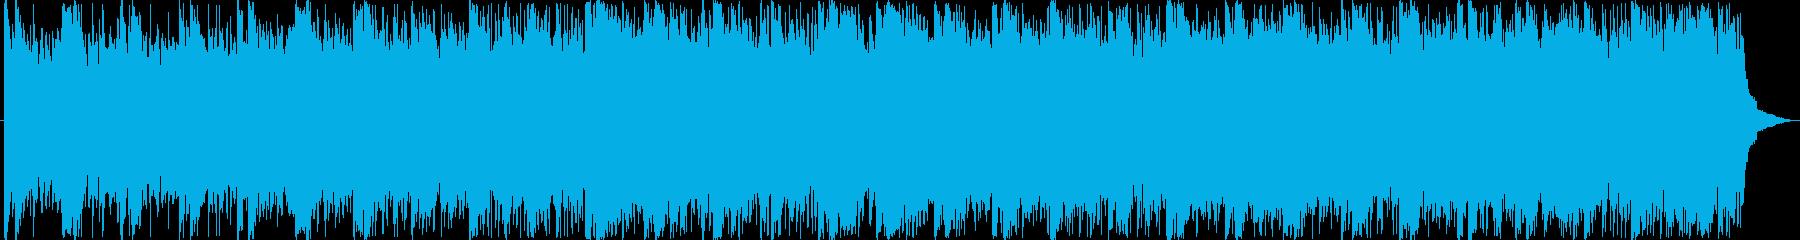 ハリウッド風のオーケストラ音楽の再生済みの波形